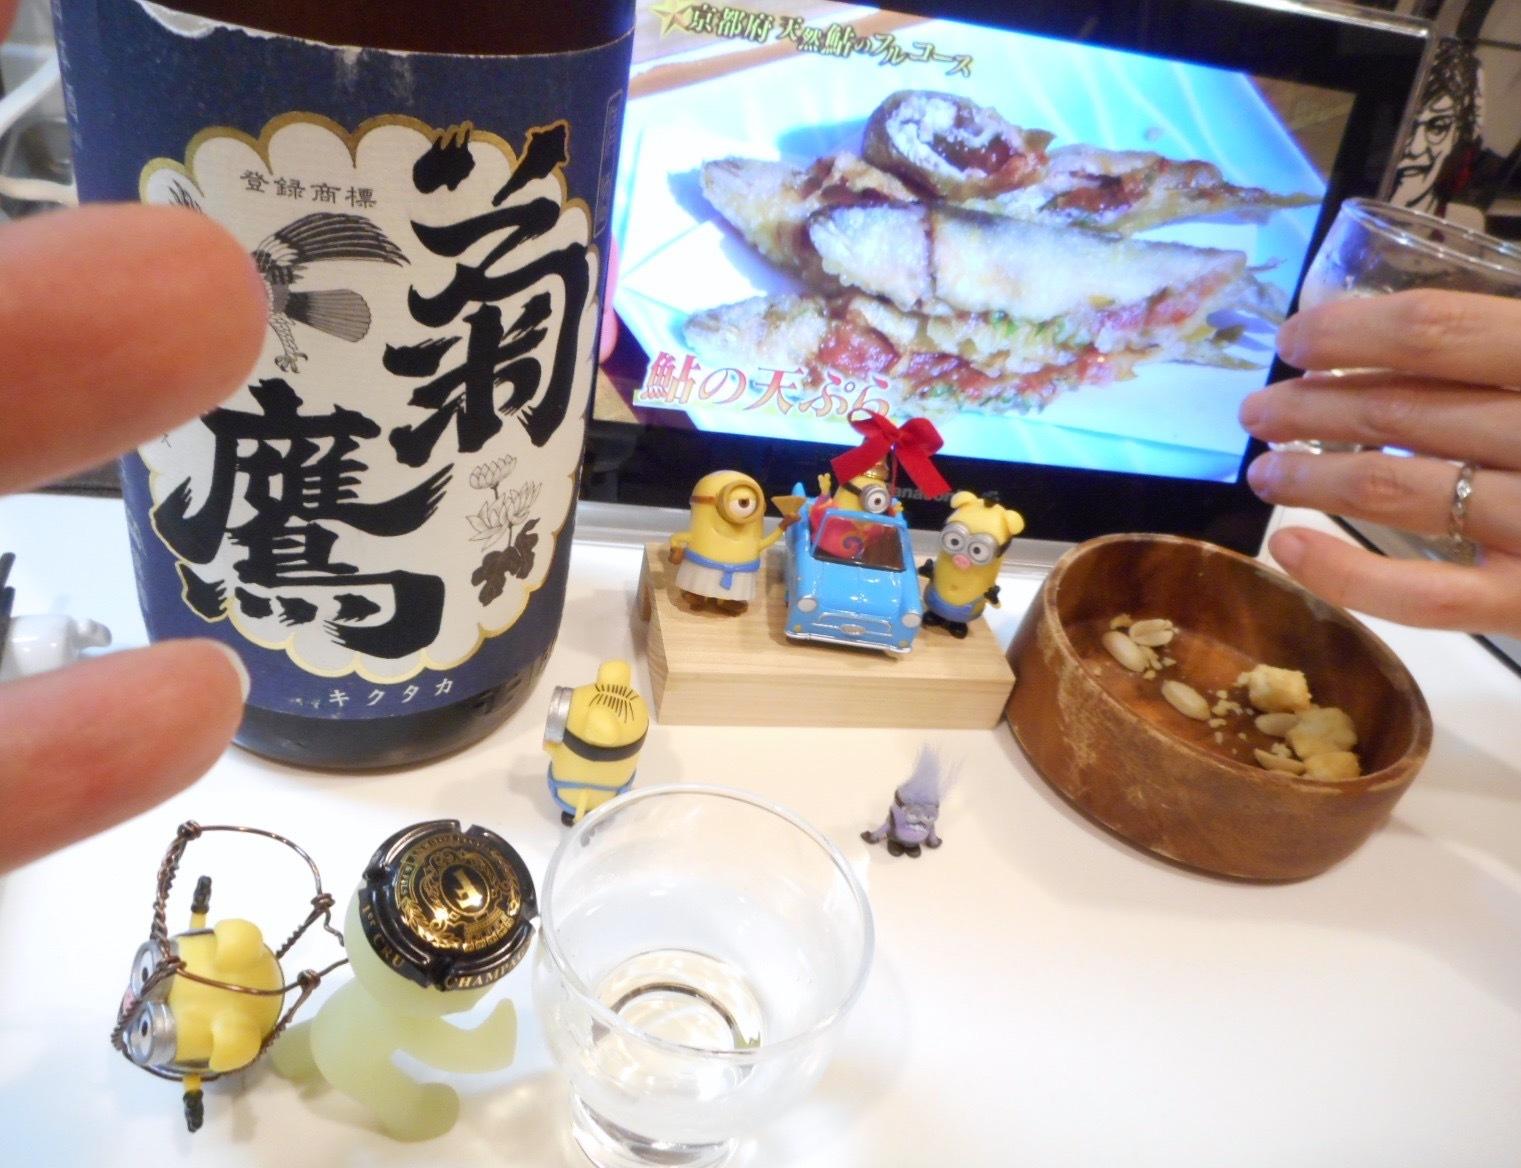 kikutaka_shifuku_nama28by5.jpg